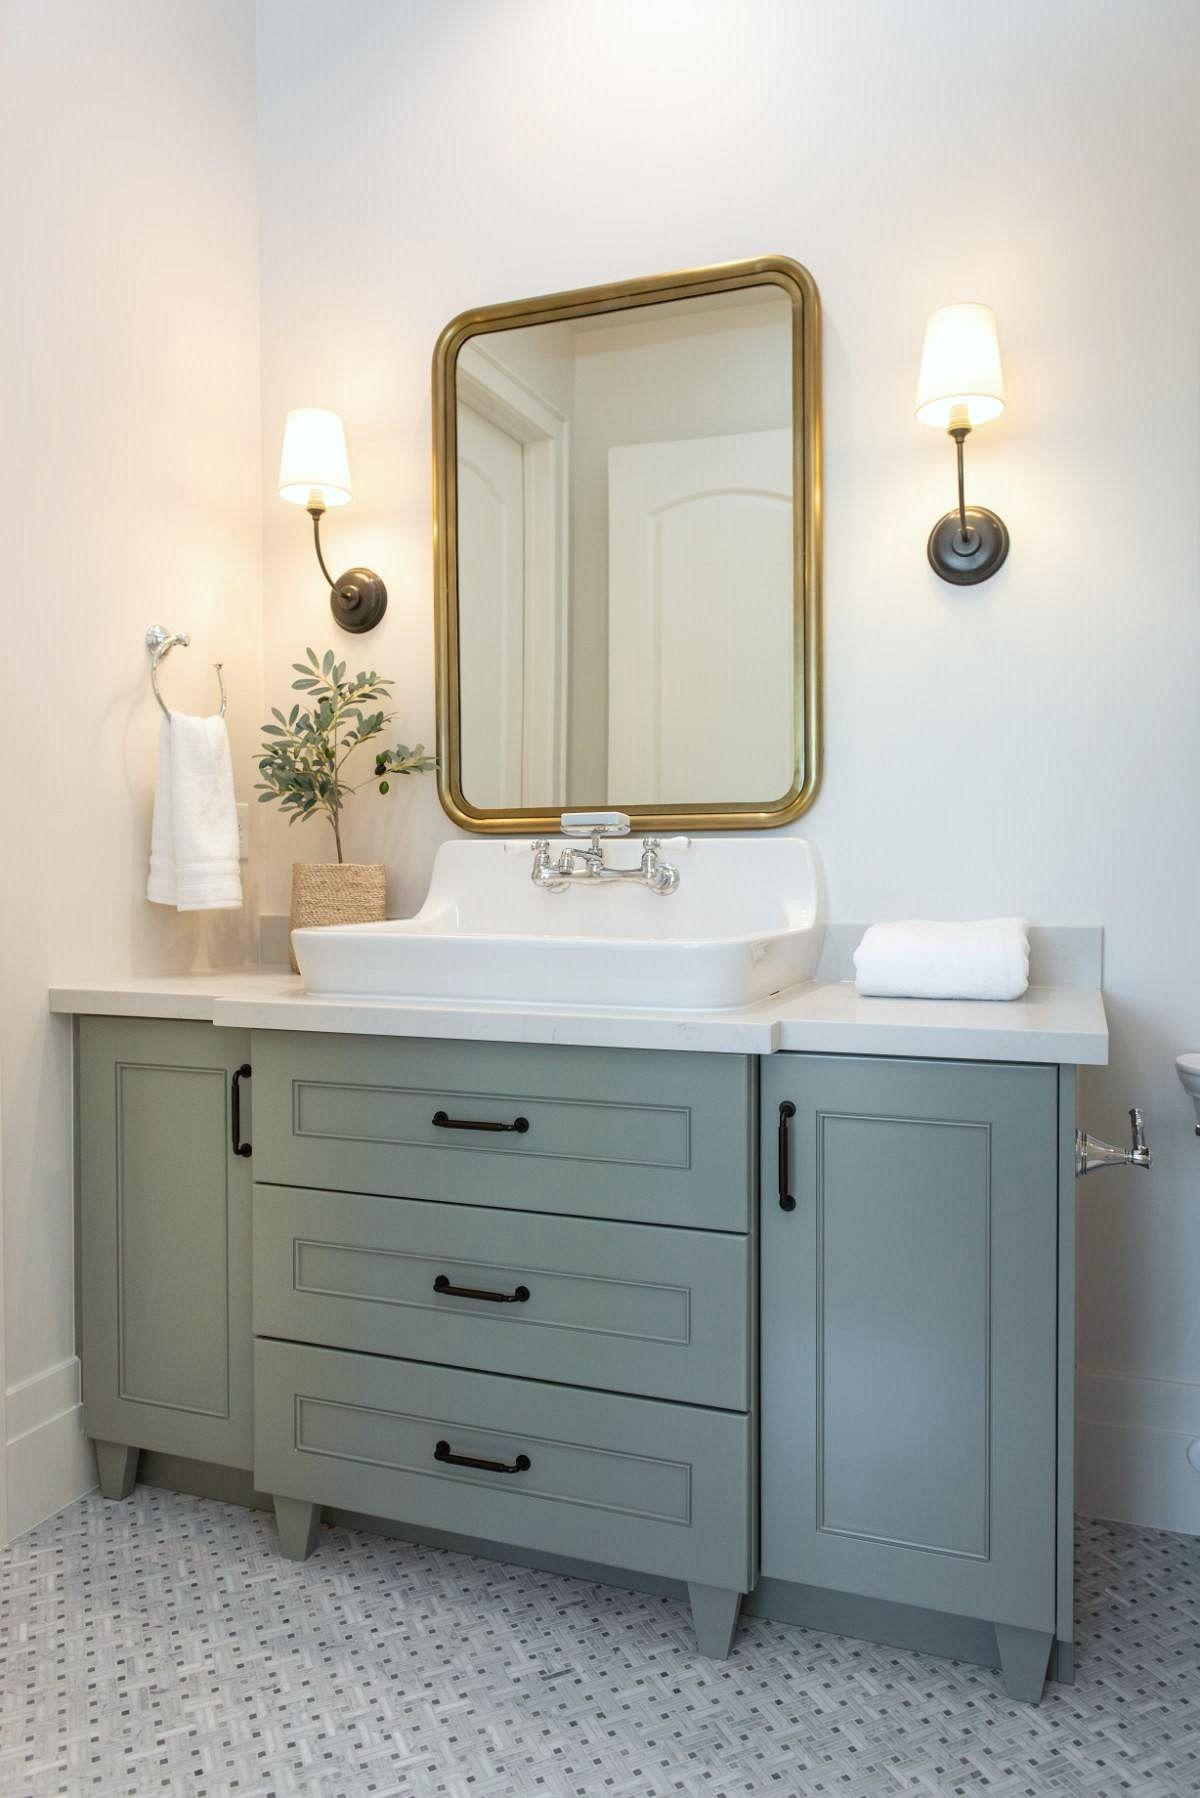 Beautiful European Contemporary Home Tour Bathroom Interior Design Bathroom Inspiration Bathroom Interior